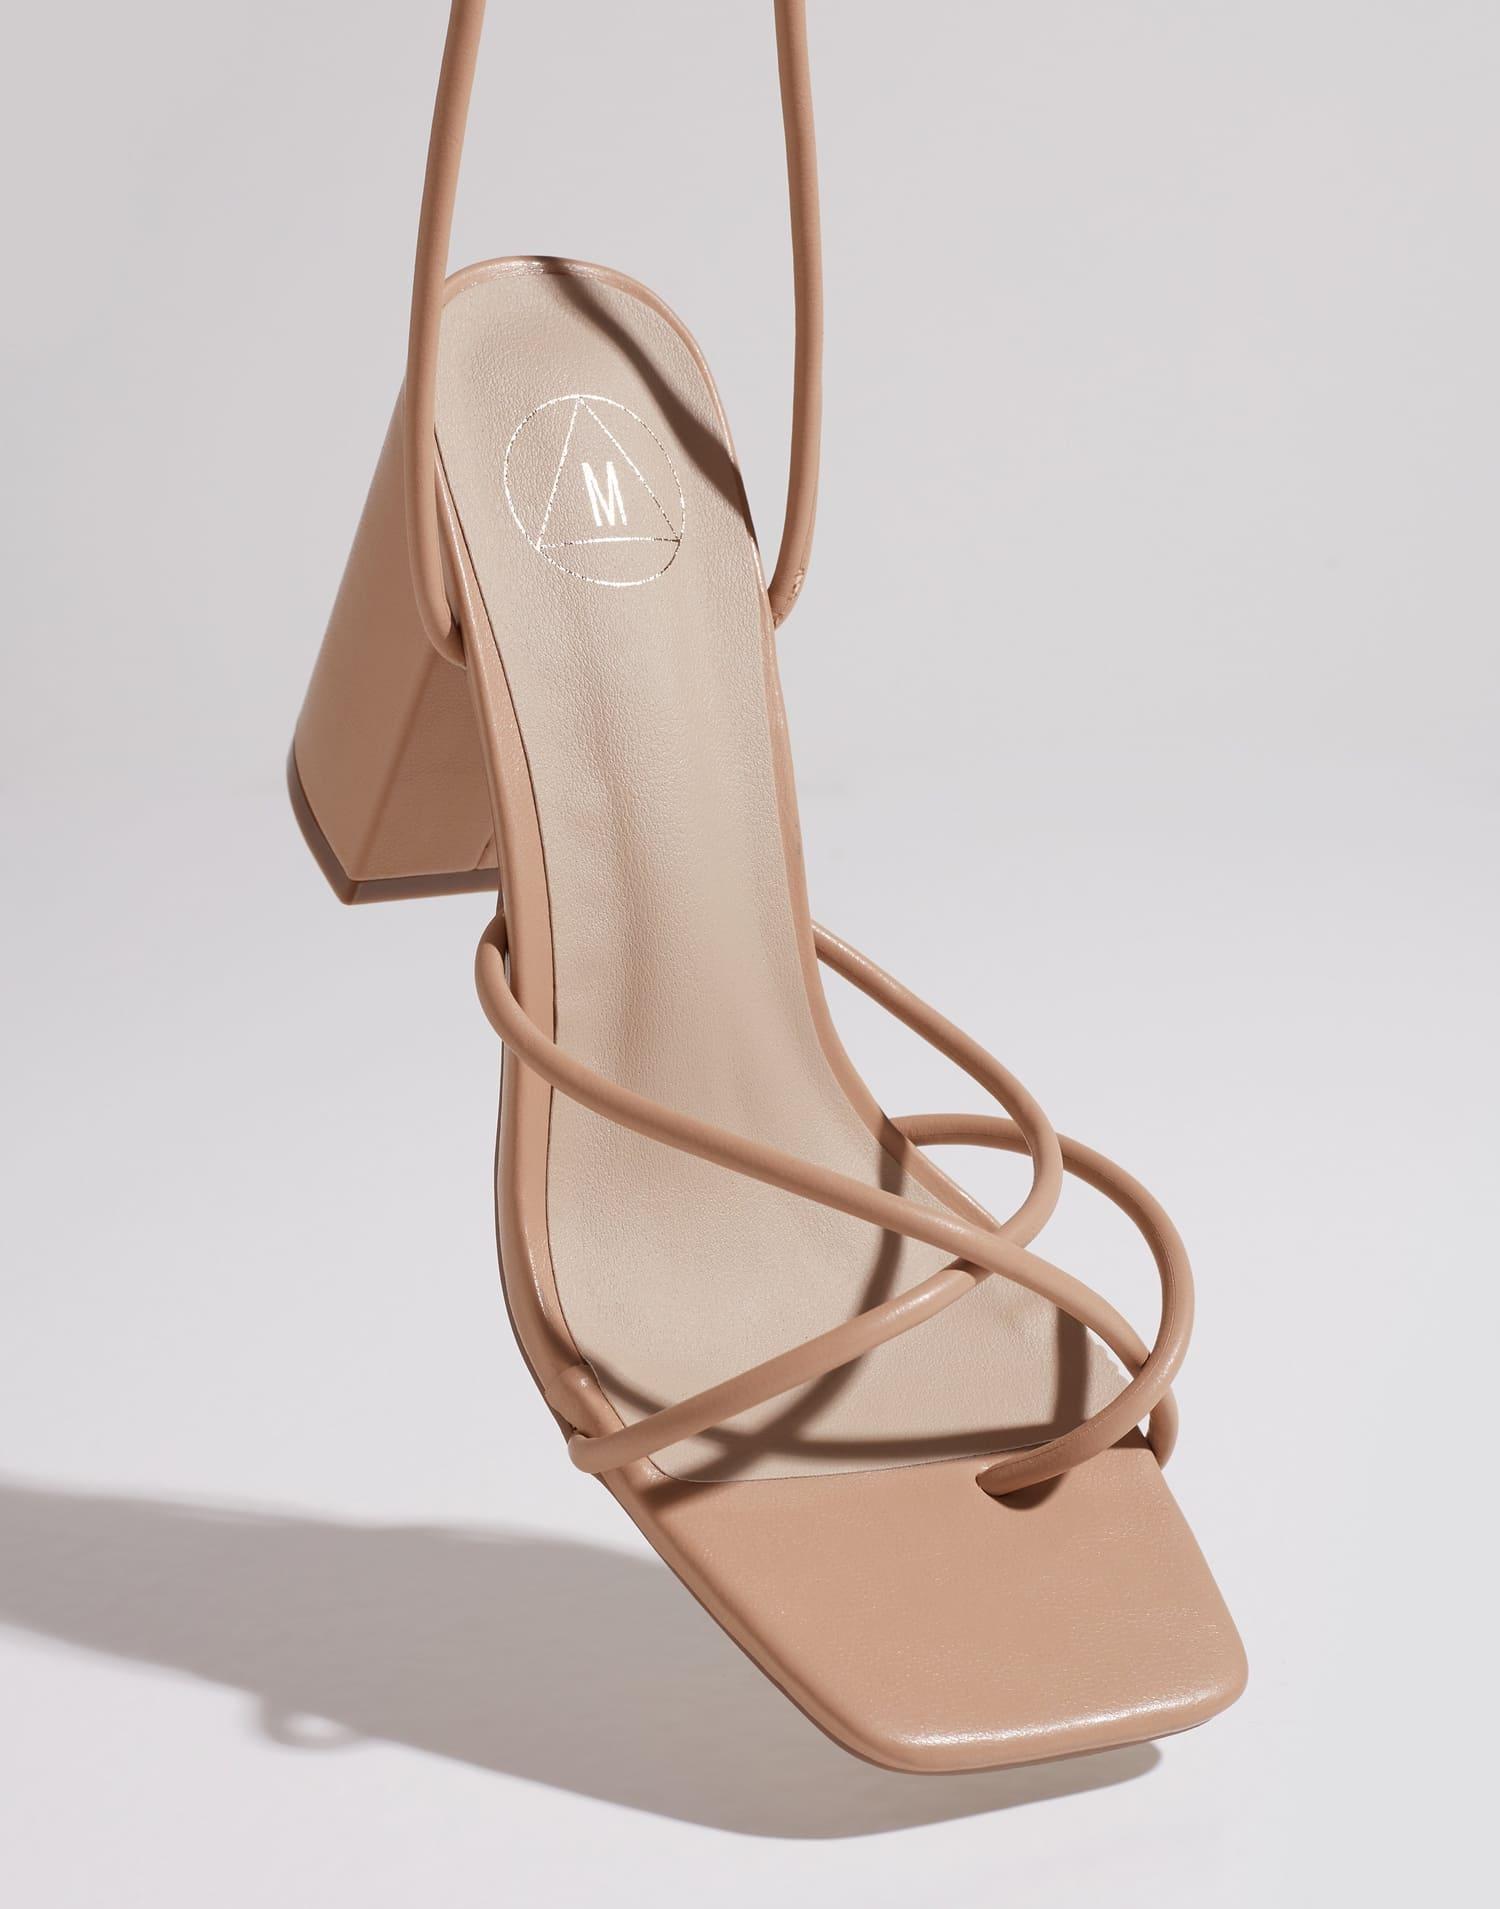 Sandalett från Missguided med snörning över fot samt upp på ben